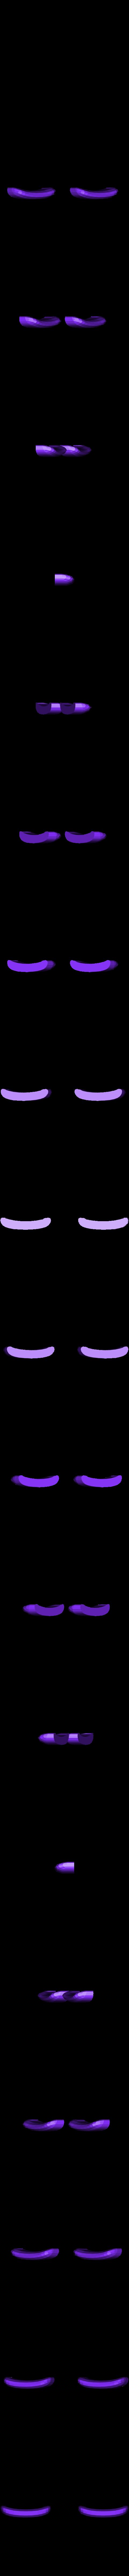 eye_lashes.stl Télécharger fichier STL gratuit La Chenille • Modèle pour imprimante 3D, reddadsteve